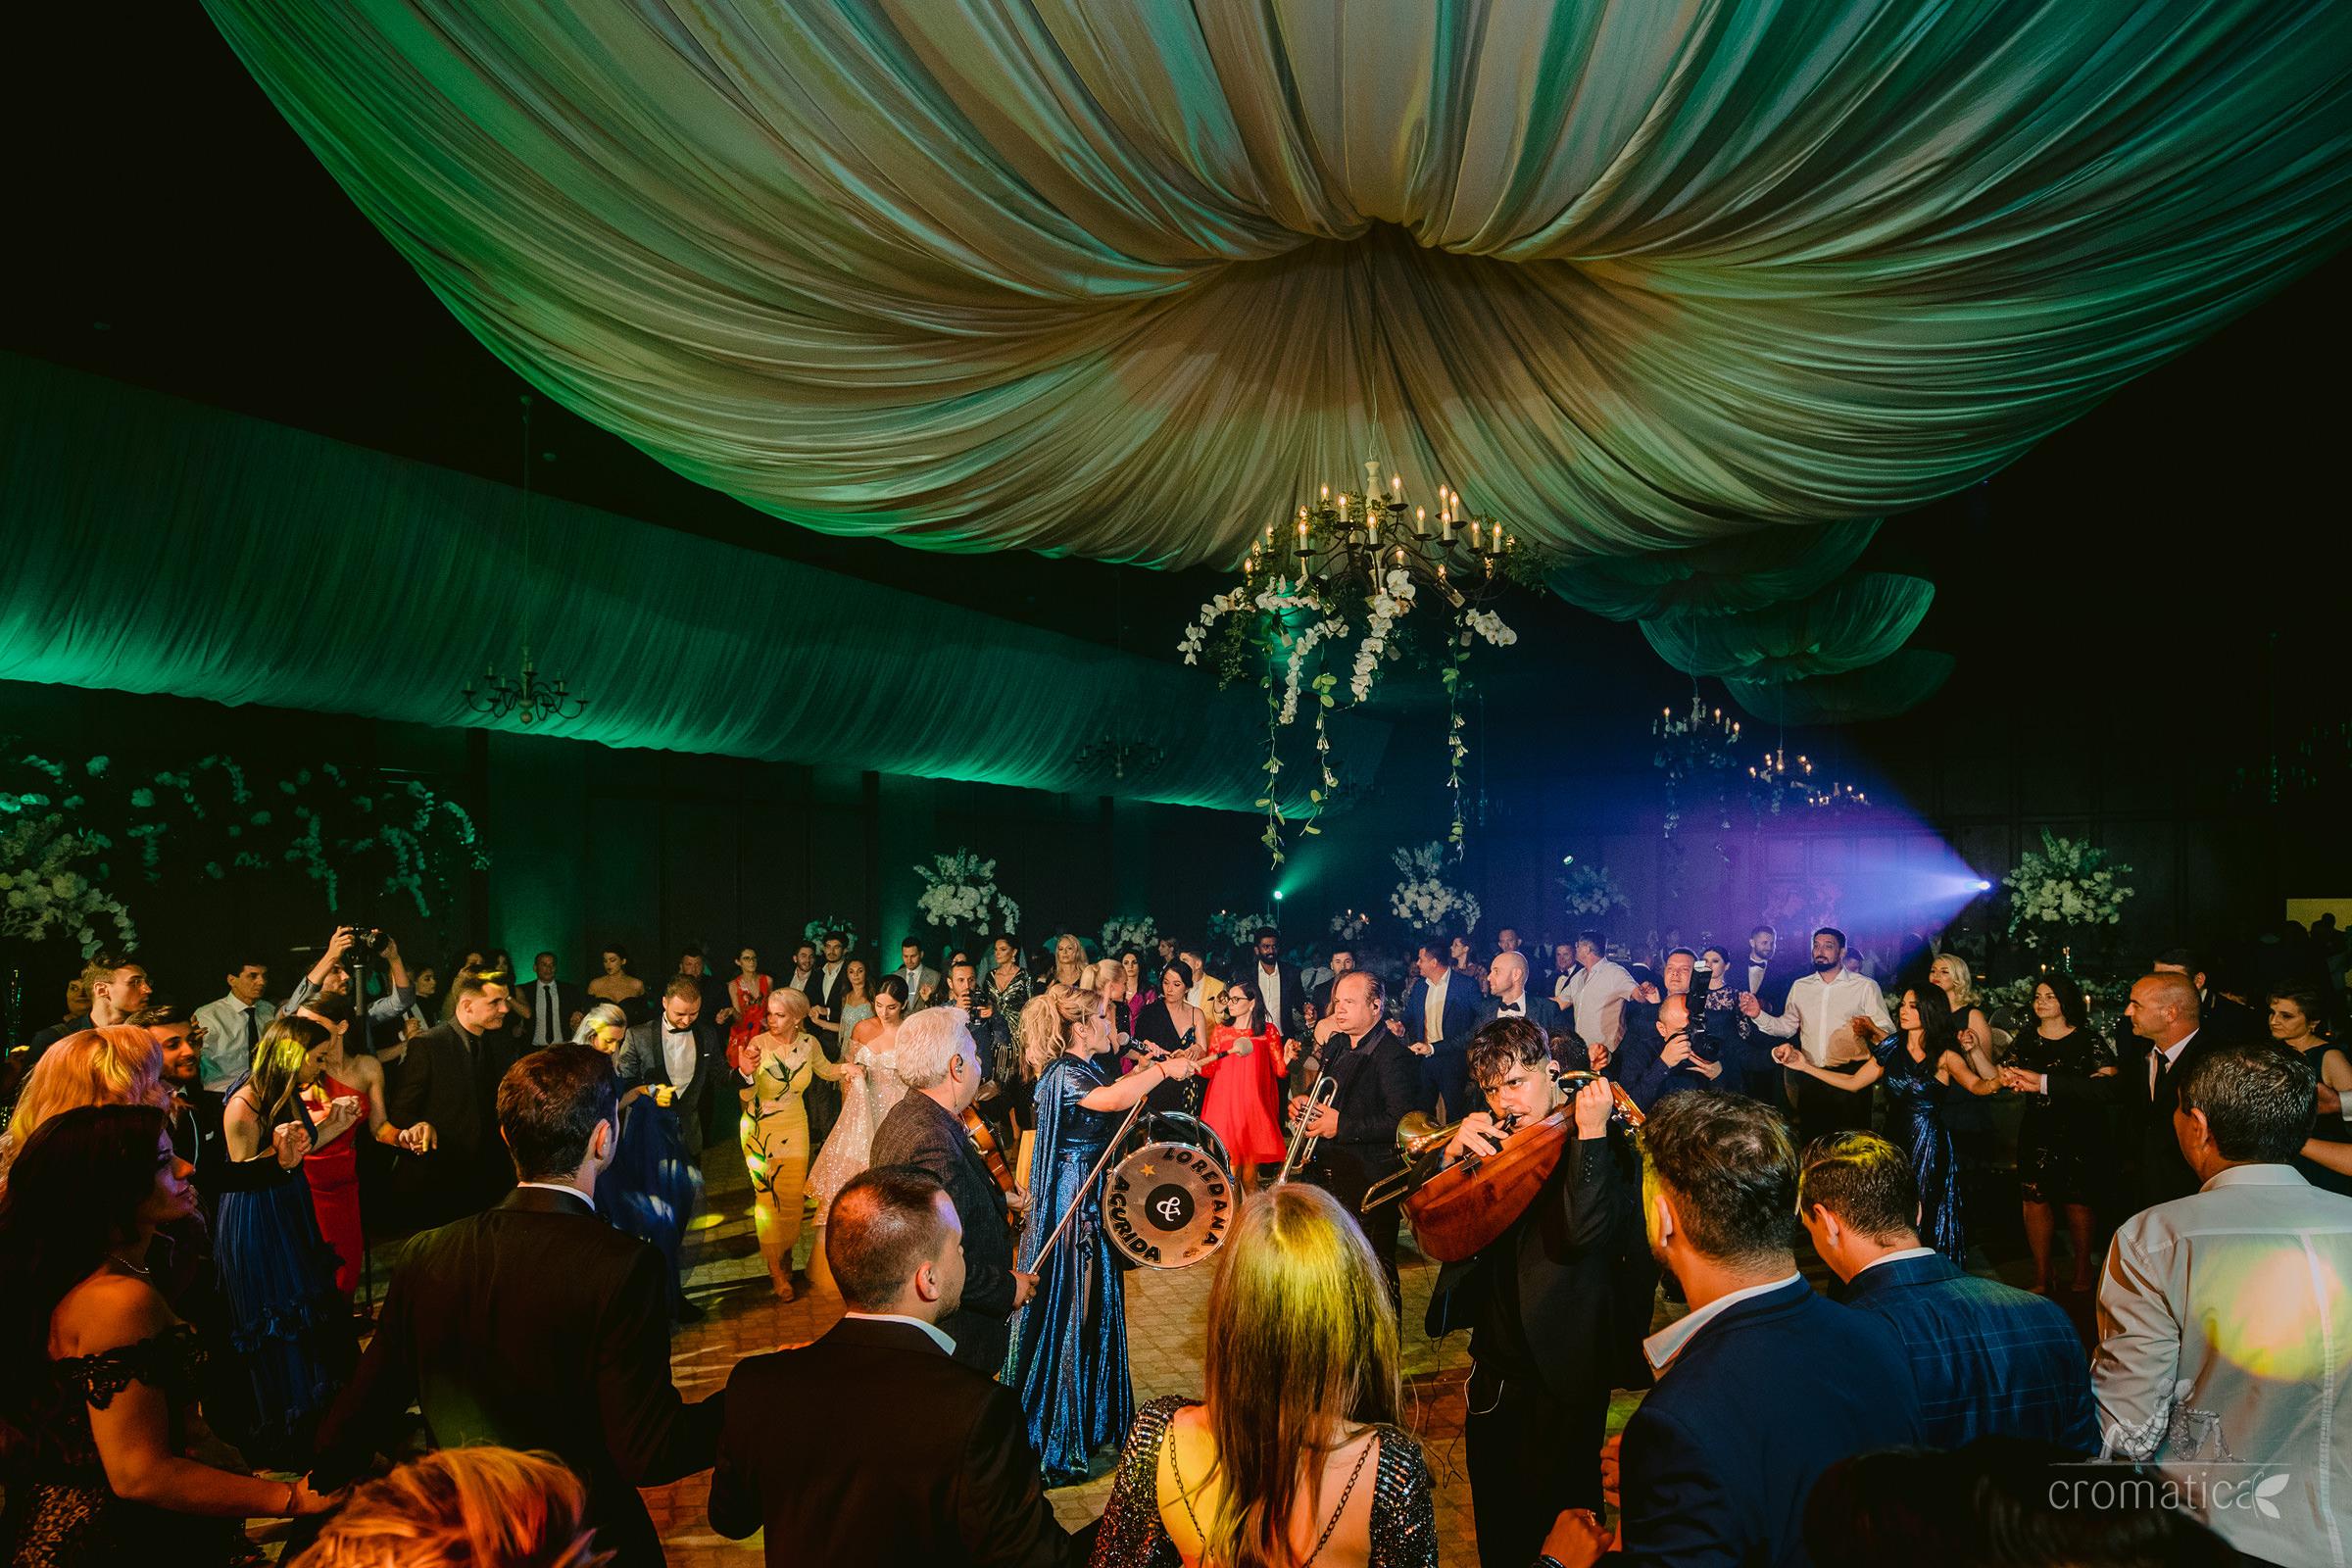 oana alex fotografii nunta rm valcea 068